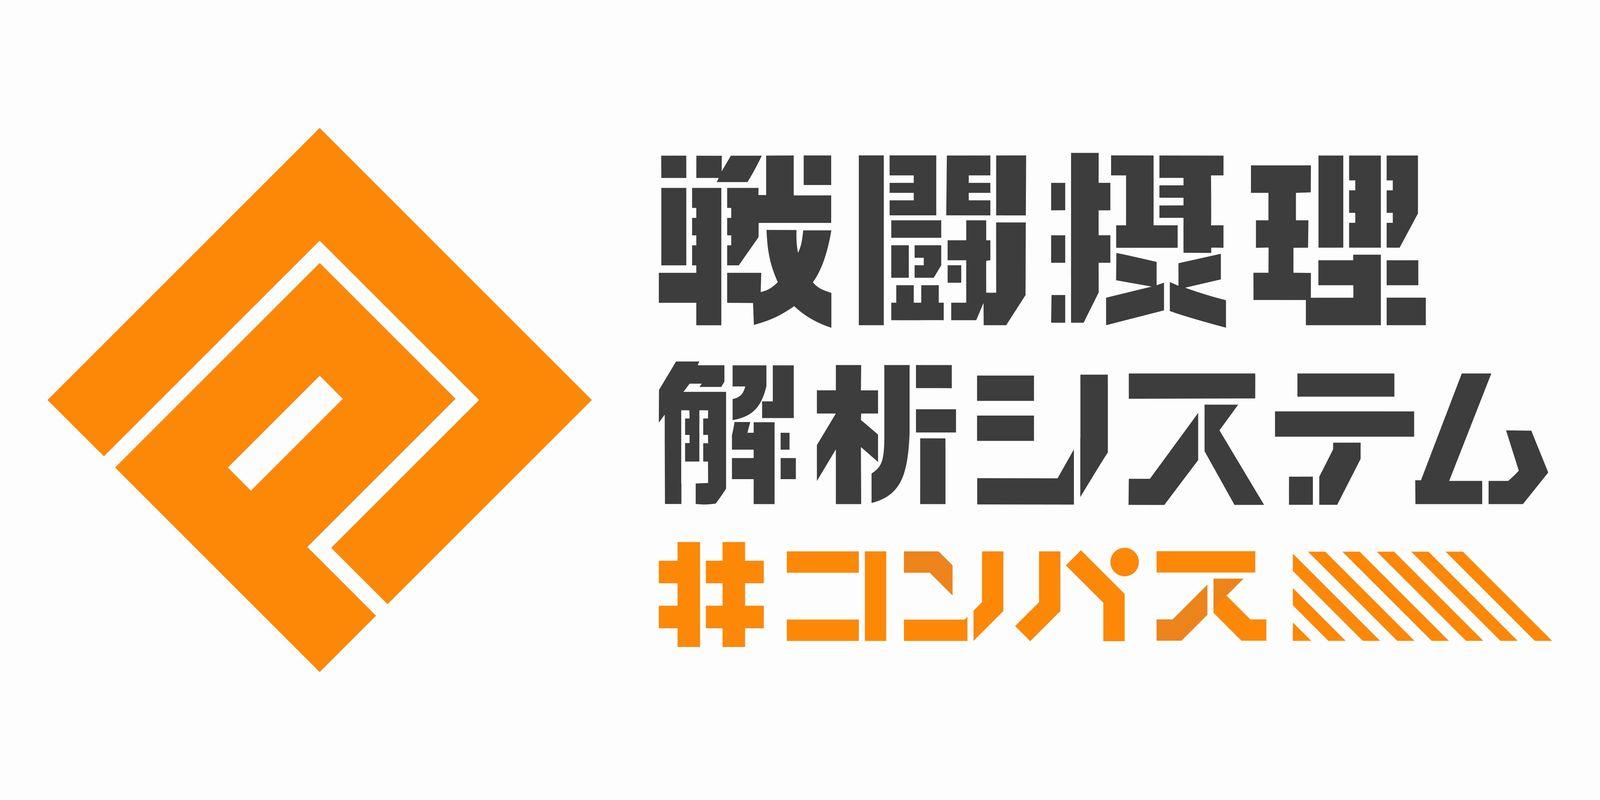 #コンパス【ニュース】: 大阪、千葉、愛知で「#コンパス ライブアリーナ」が開催決定!